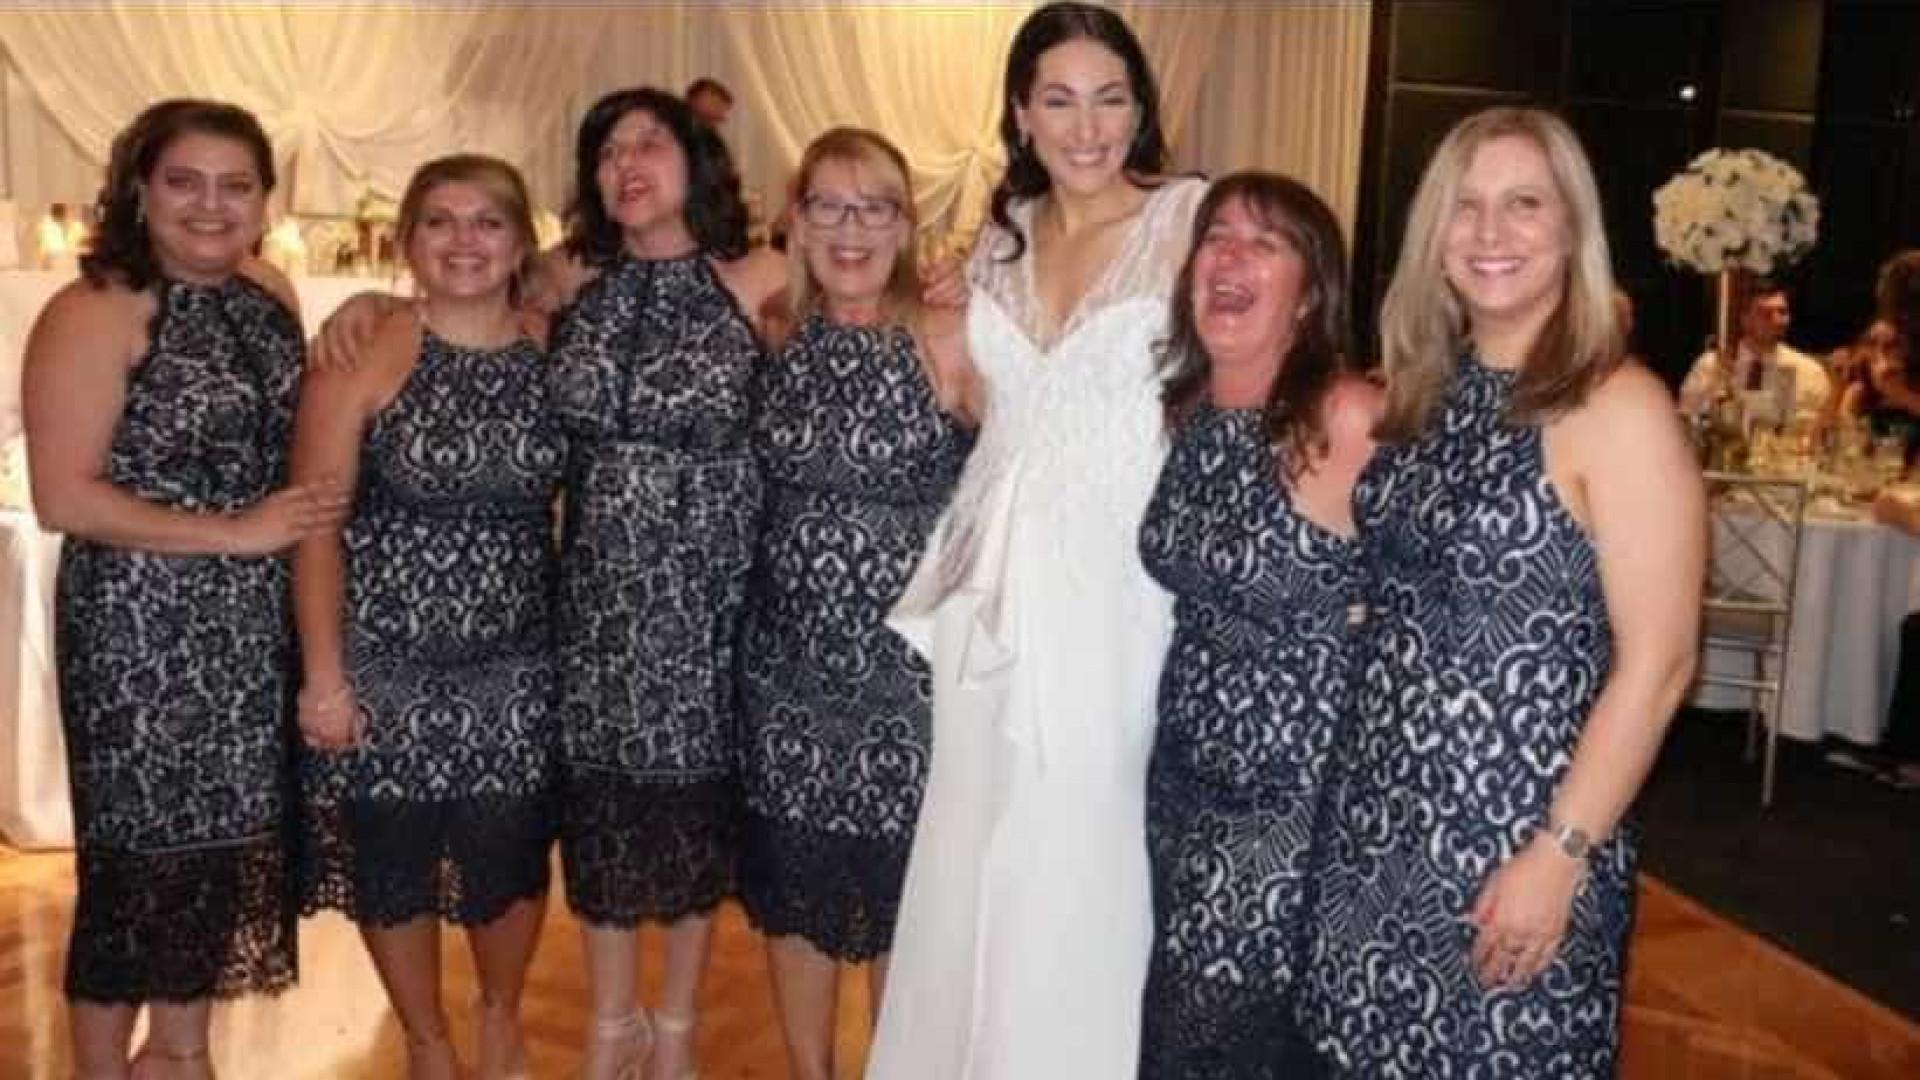 Quando seis mulheres vestem (exatamente) o mesmo vestido num casamento